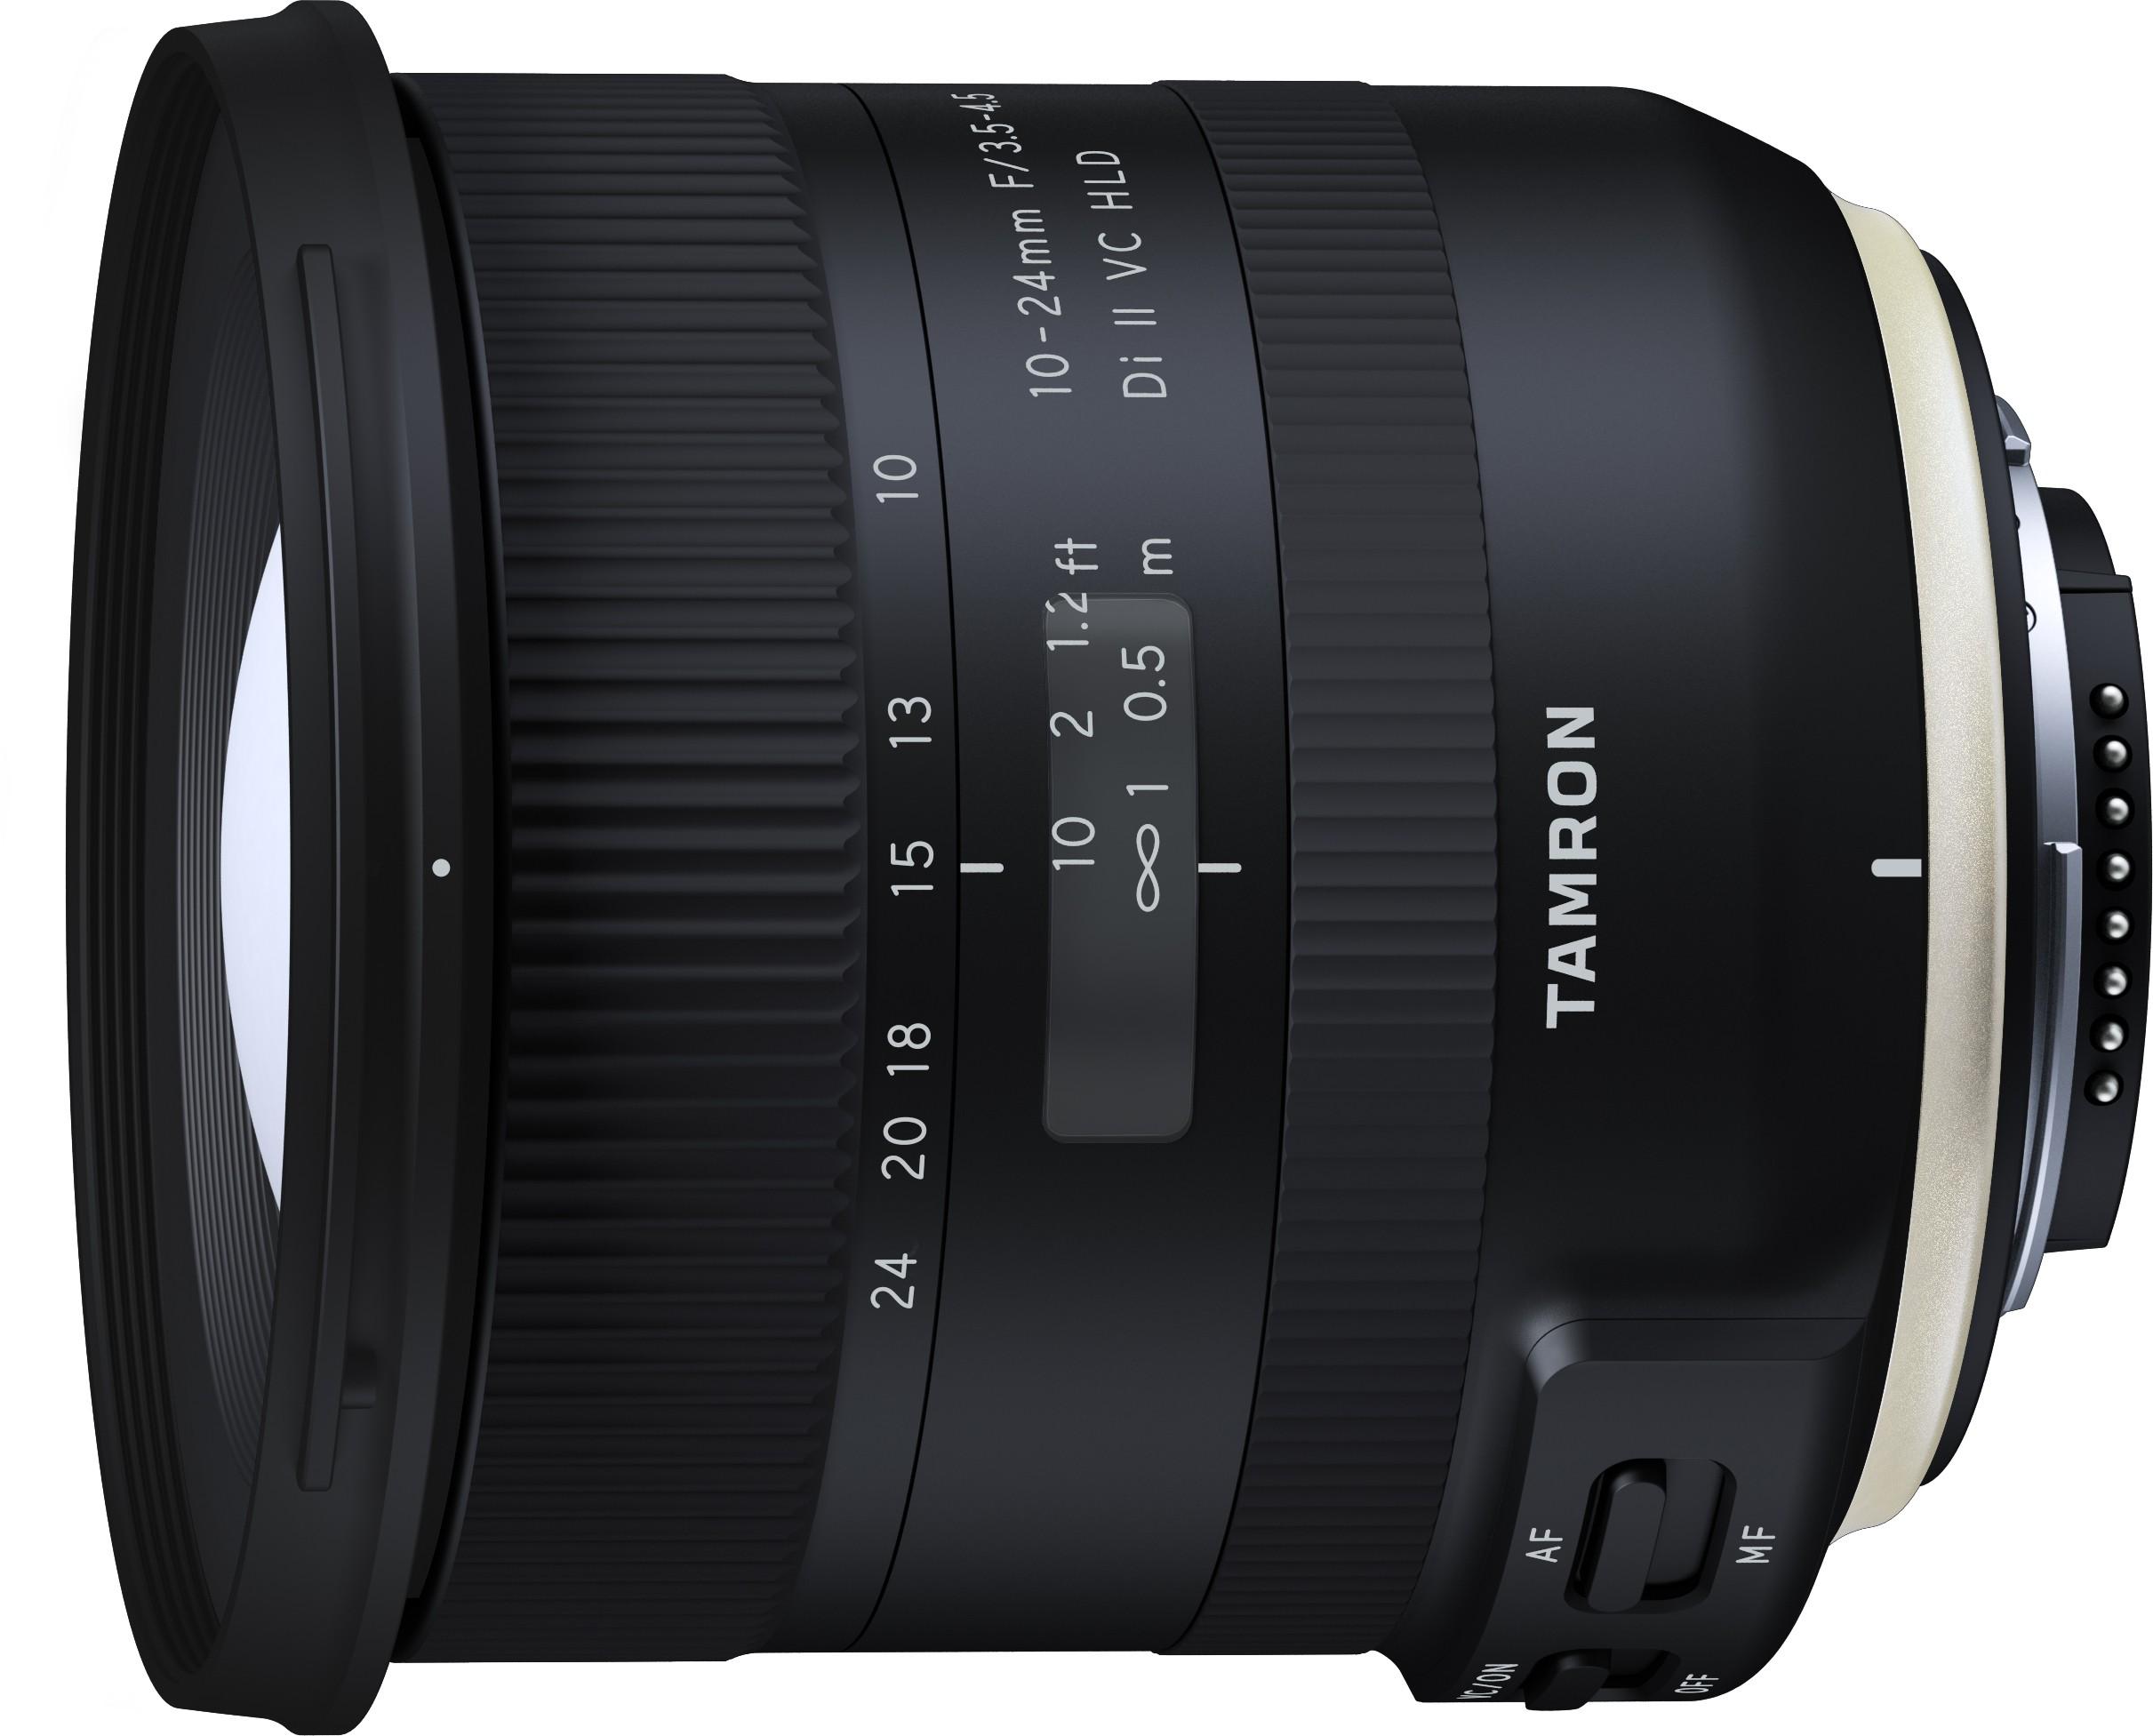 Tamron 10-24mm f/3.5-4.5 Di II VC HLD objektiiv N..